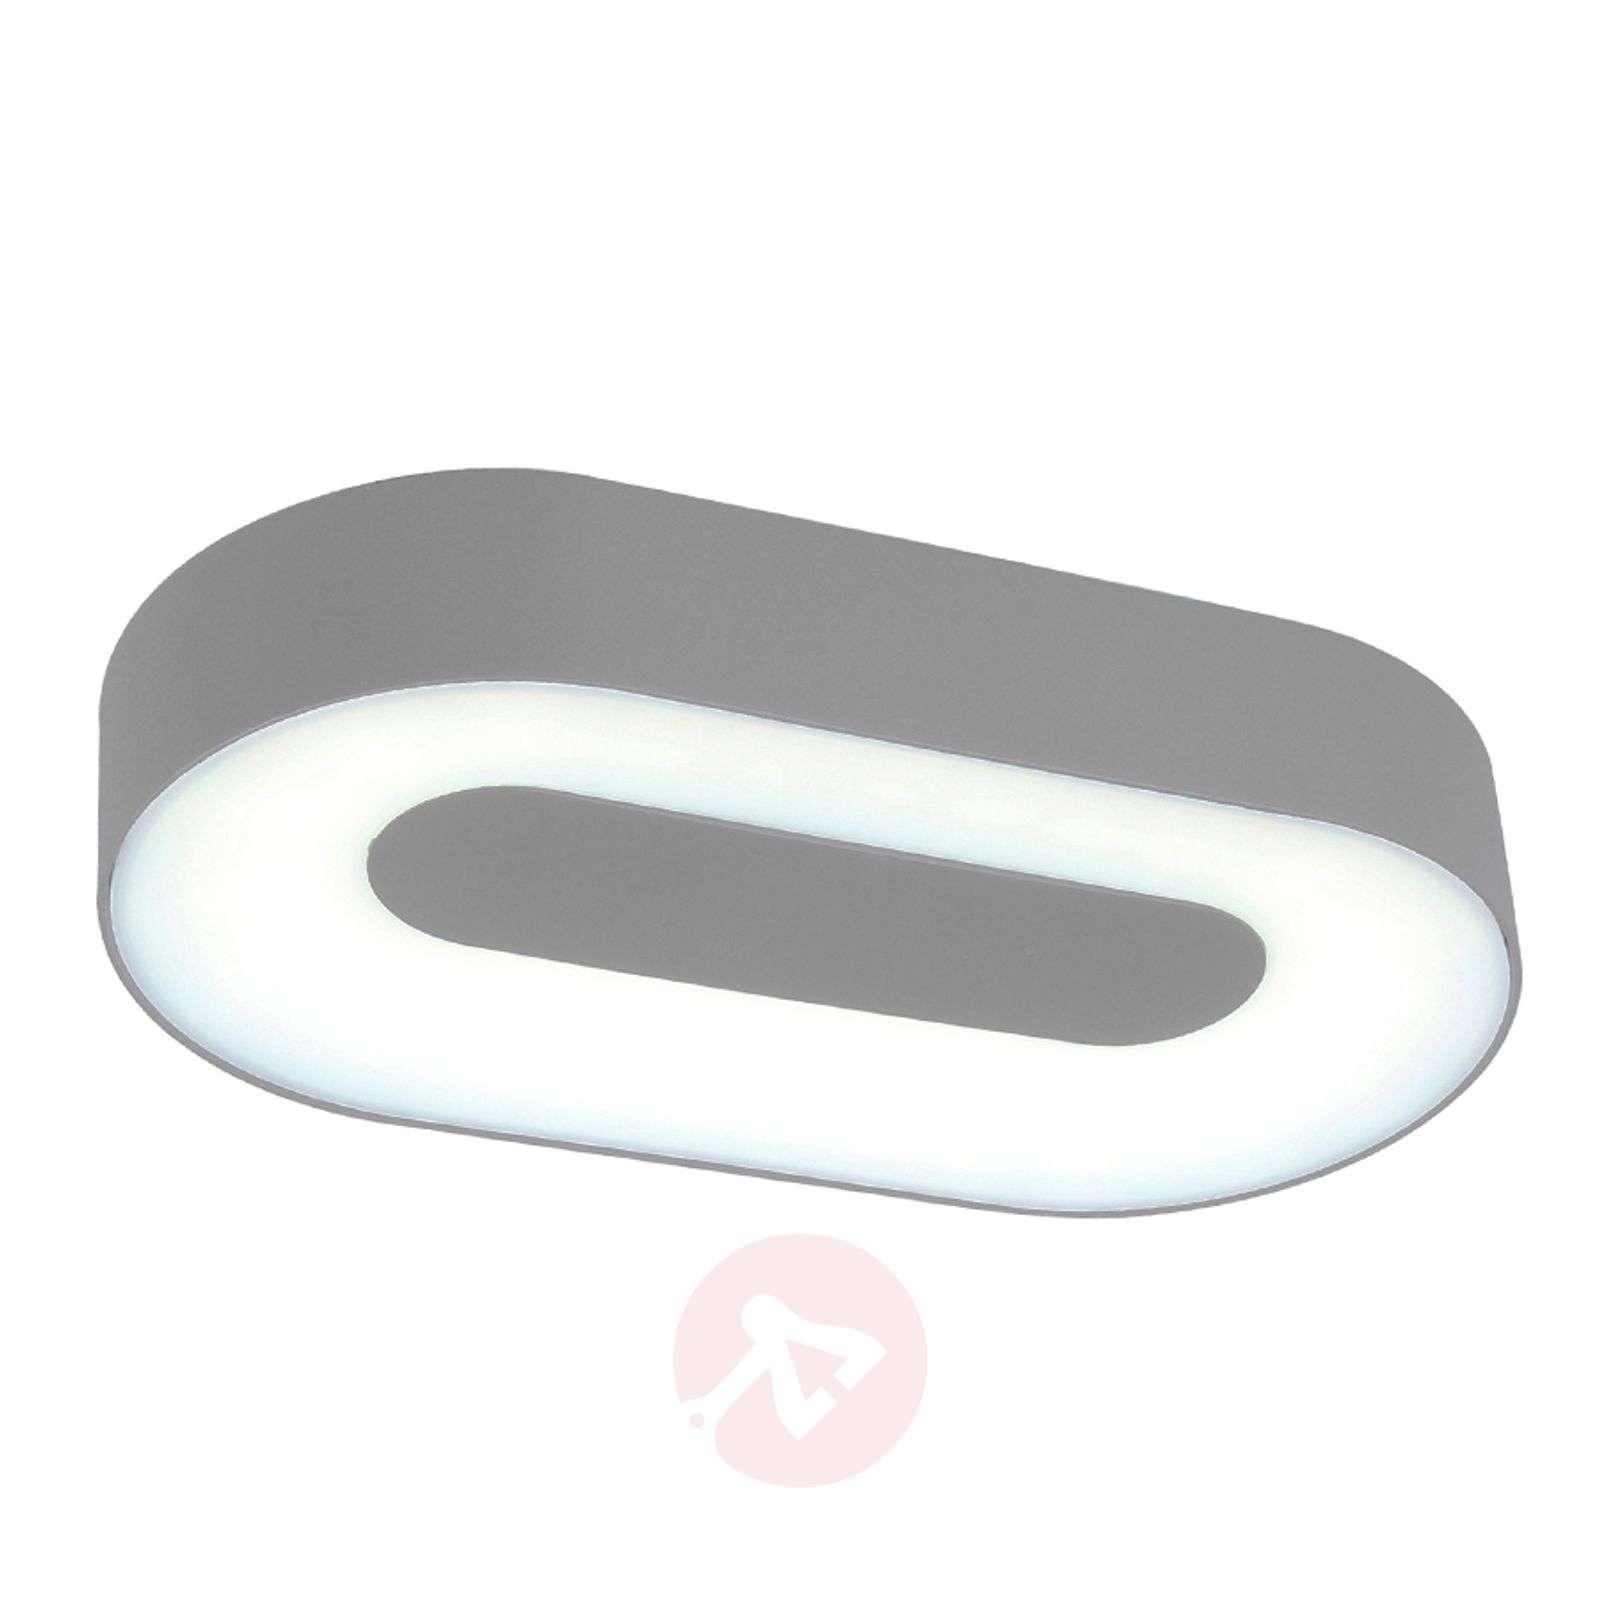 Ublo moderni, ovaali LED-ulkoseinävalaisin-3006233-05